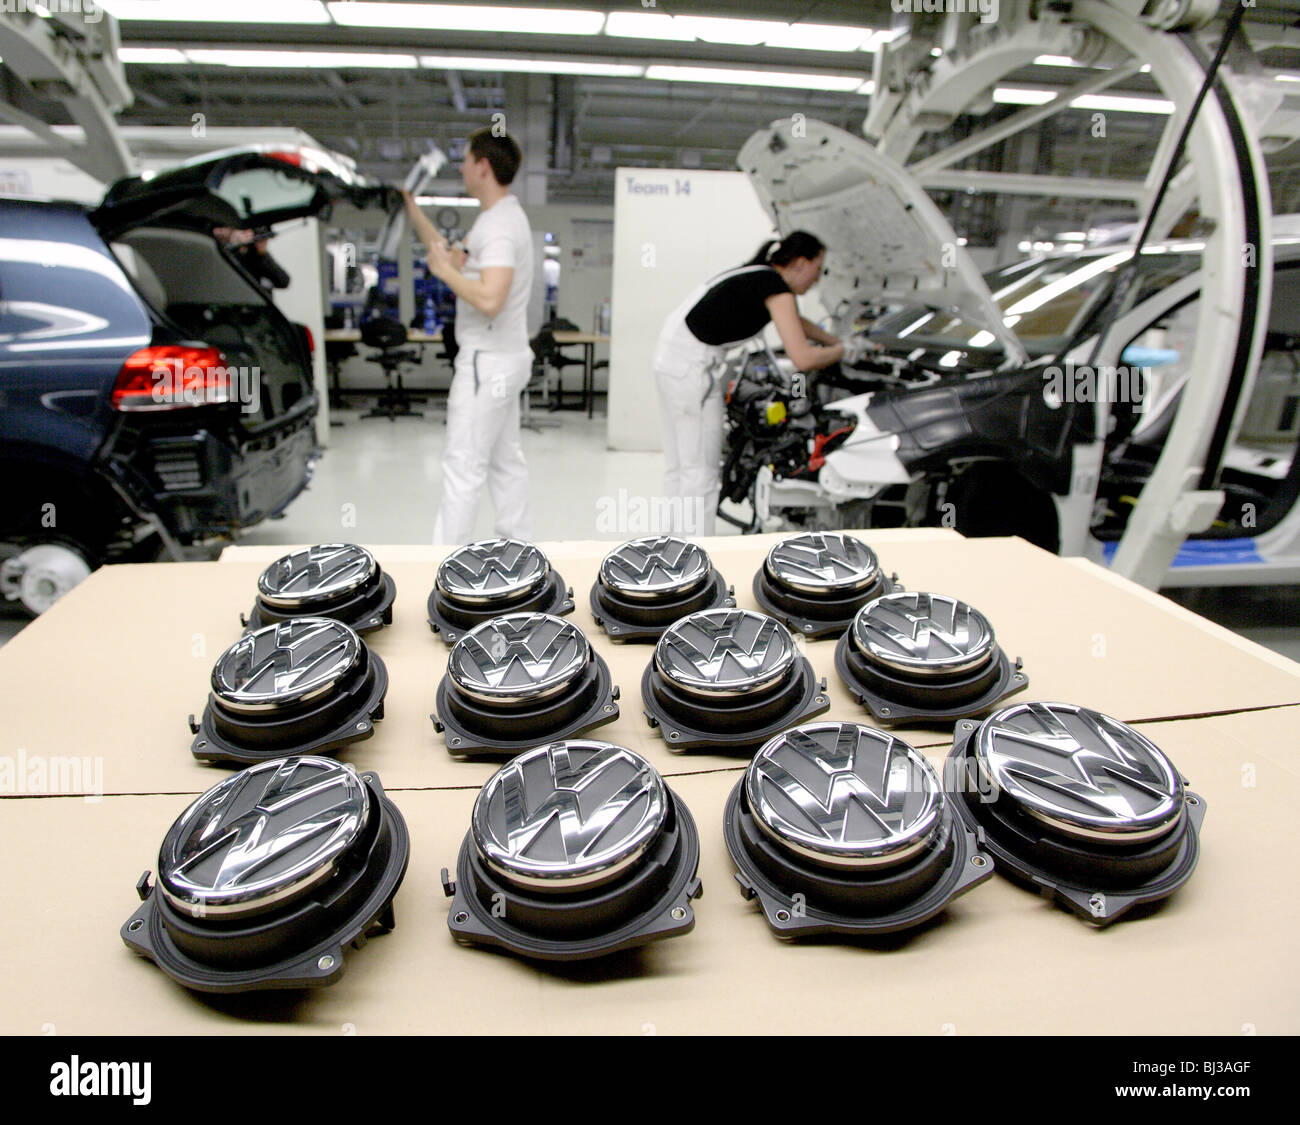 Volkswagen AG, Produktion von Pkw im Werk in Wolfsburg. Endmontage des VW Tiguan, Sport Utility Vehicle Stockbild